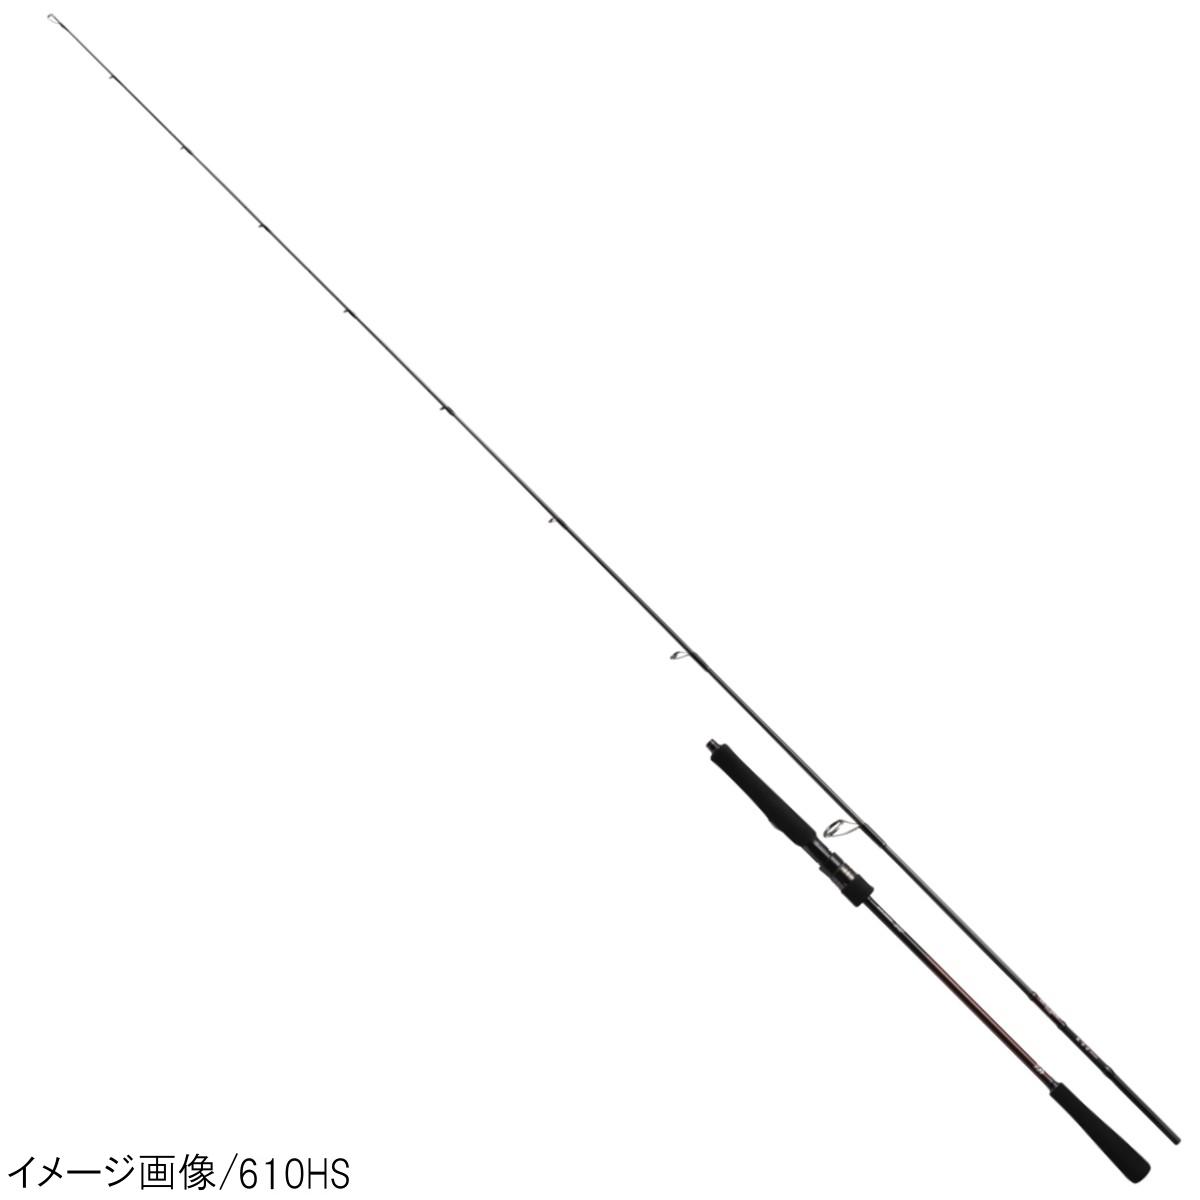 ダイワ 紅牙 AIR タイジギング 74MHS【大型商品】【送料無料】